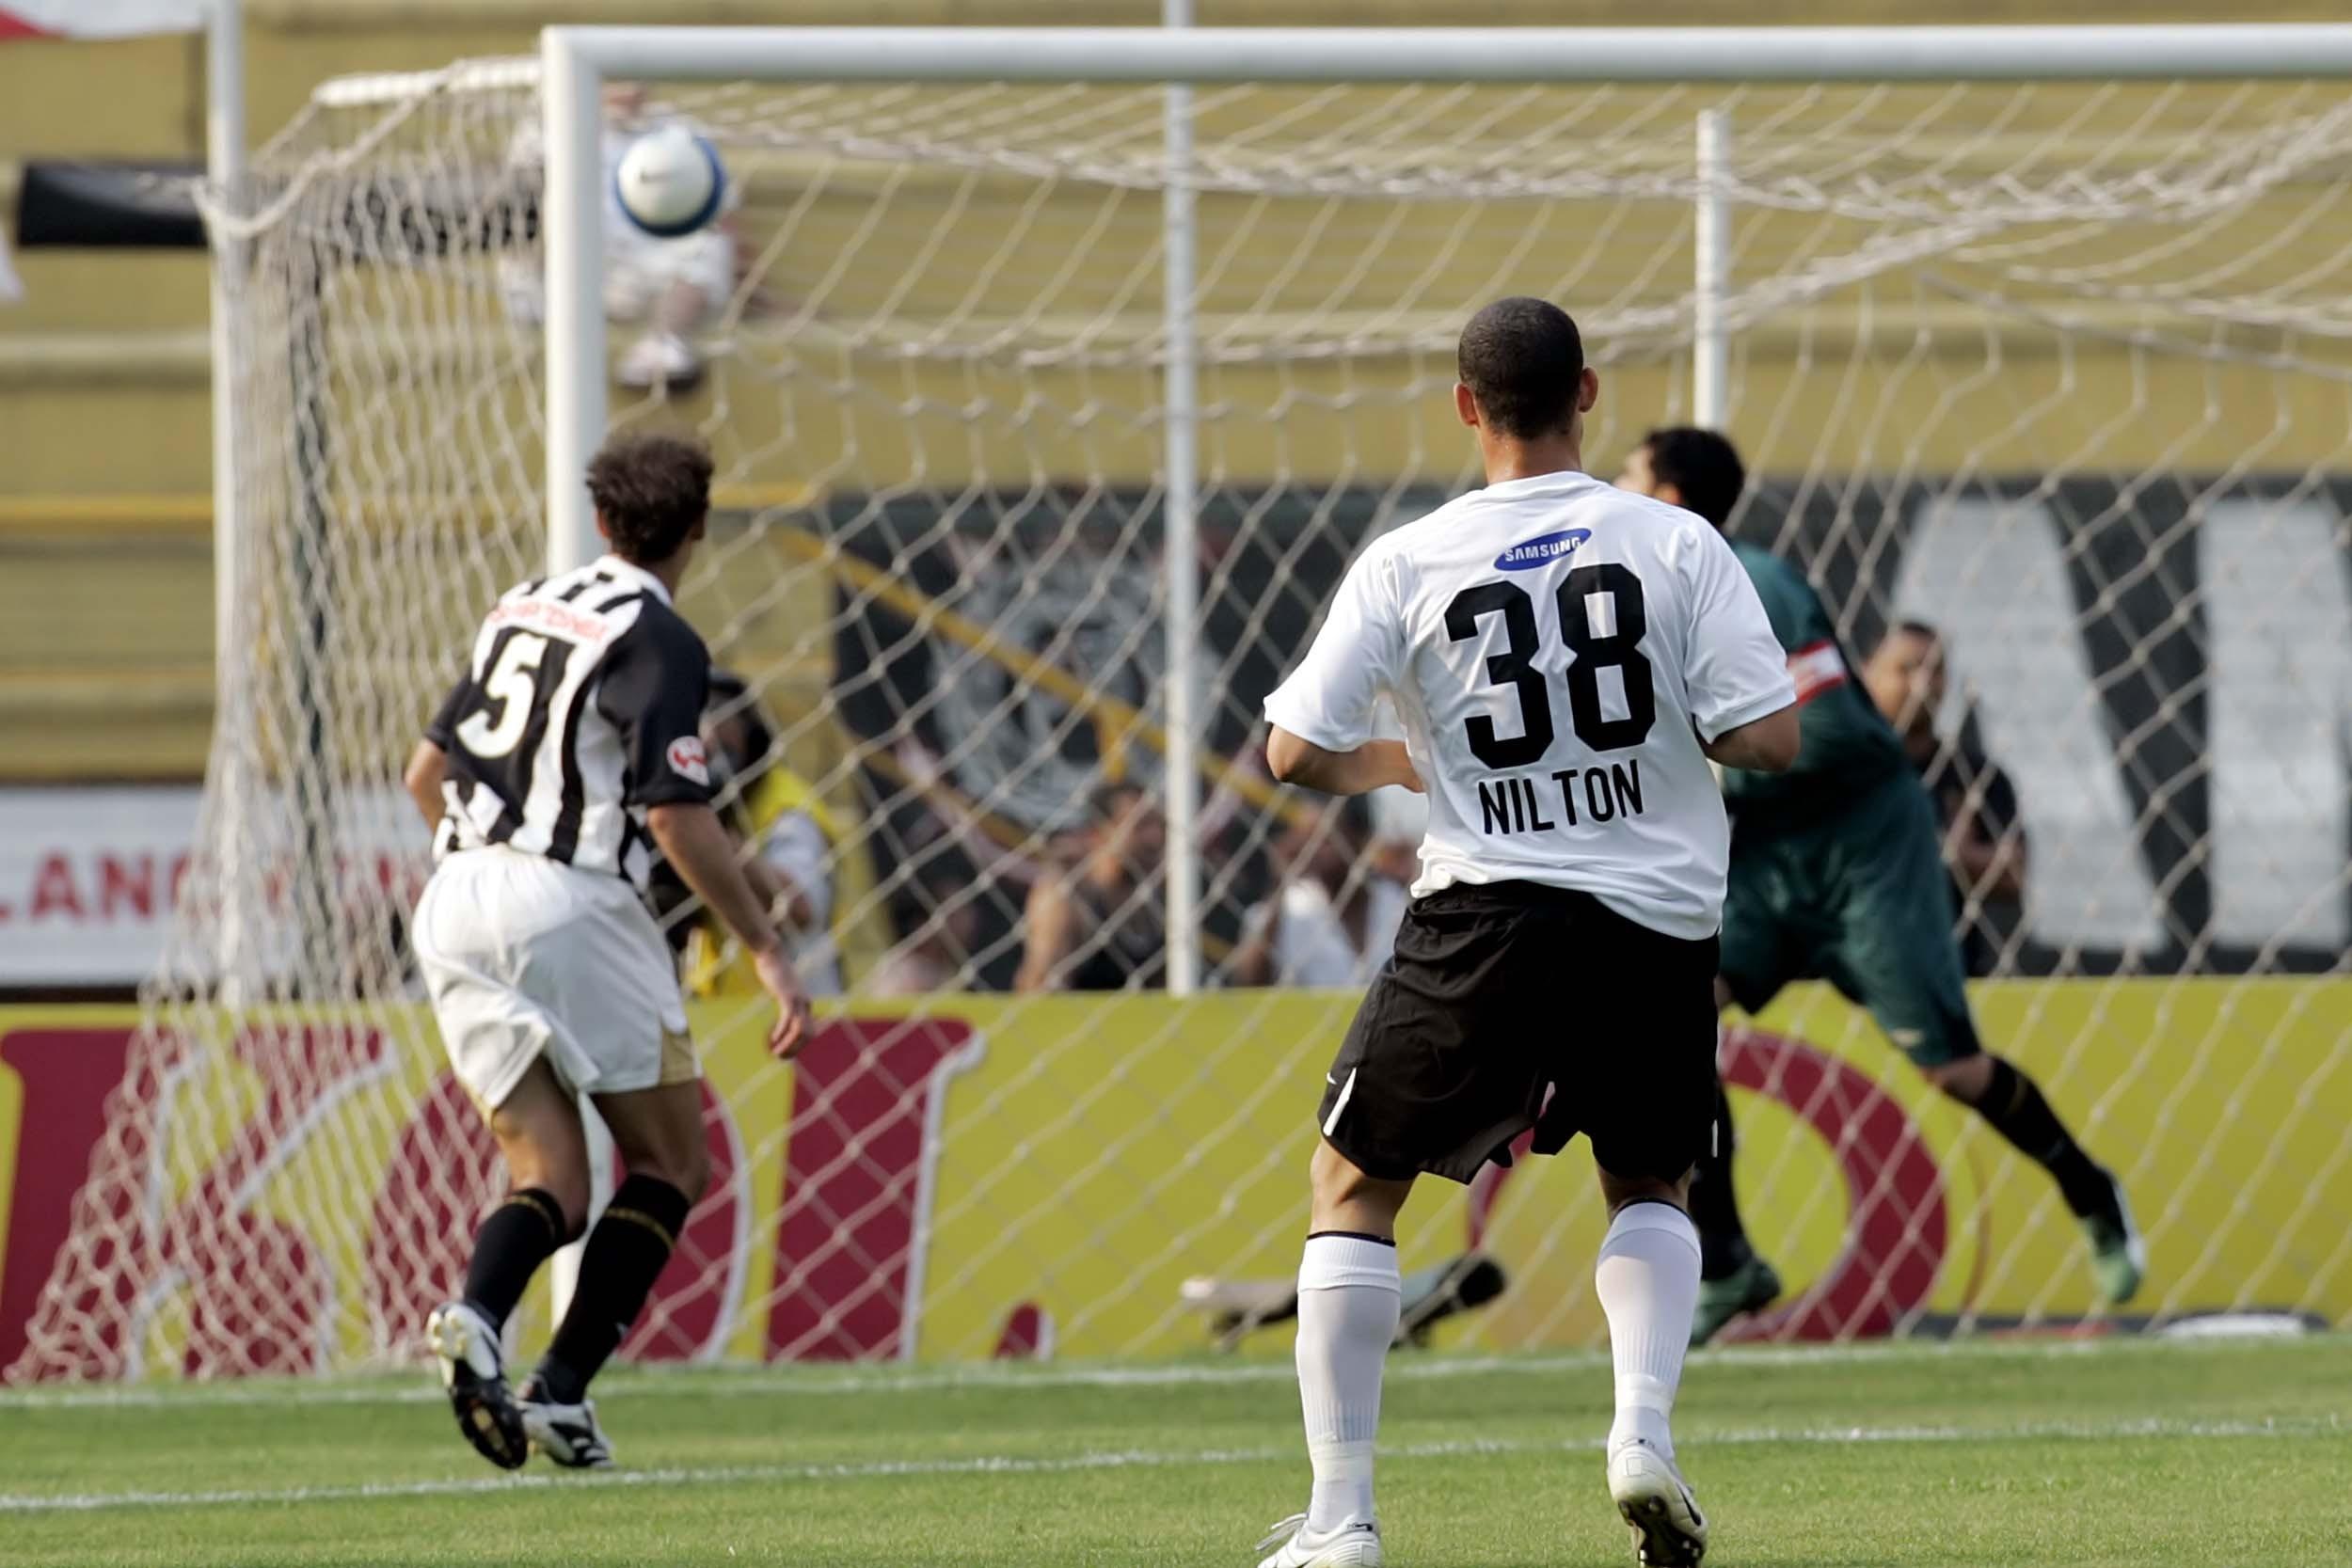 Confira as fotos de Corinthians x Santos em 2007 com gol de Nilton